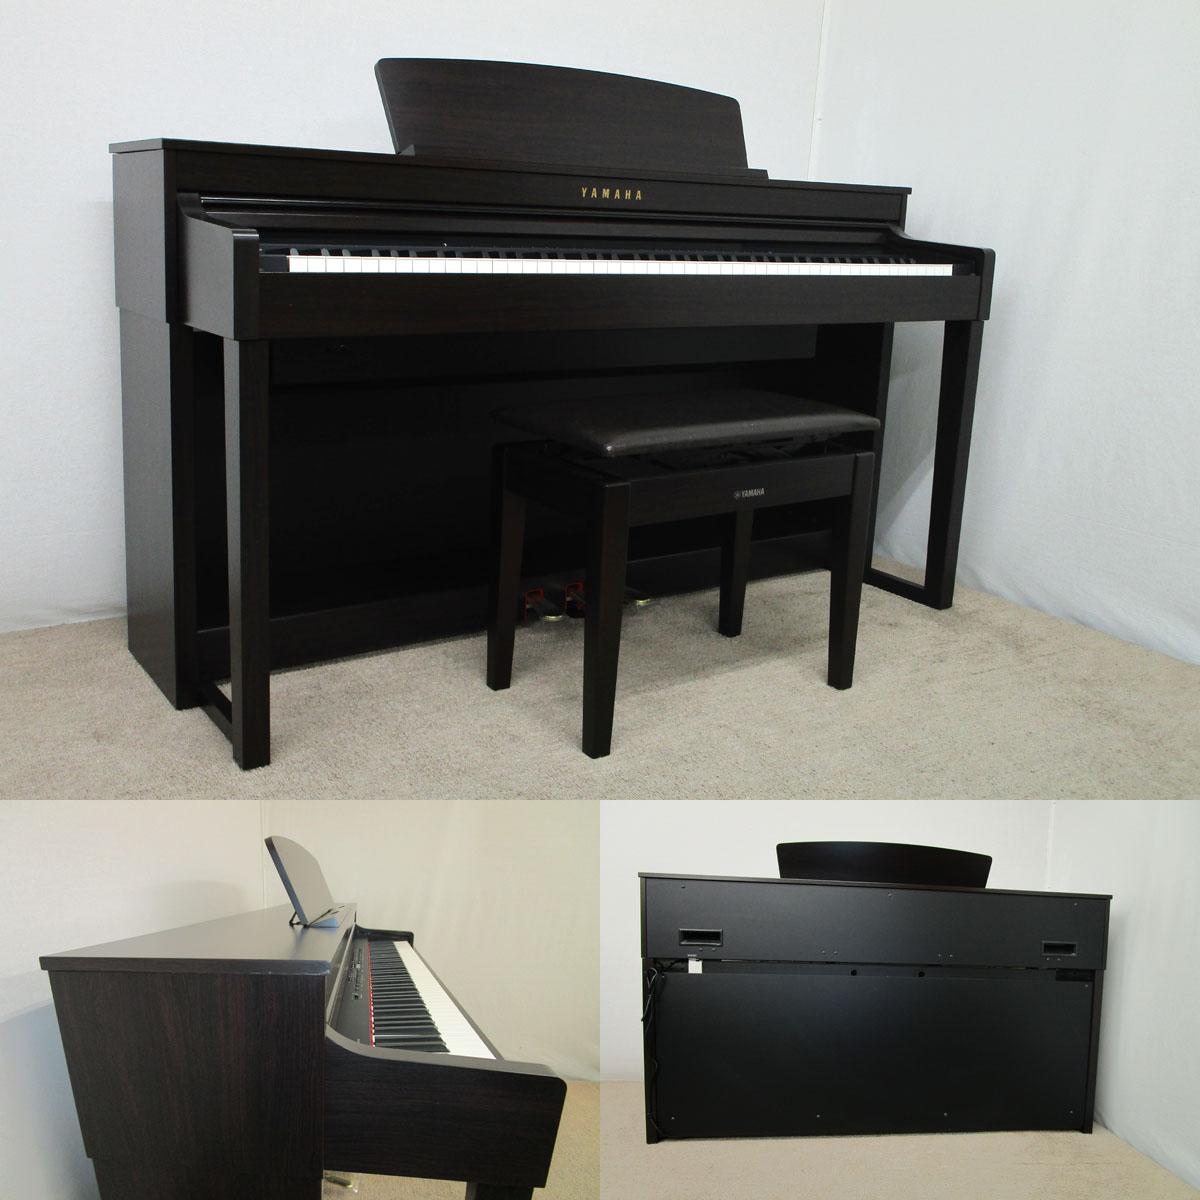 【114138】【送料無料】【中古】ヤマハ 2011年 電子ピアノ CLP-470R クラビノーバ